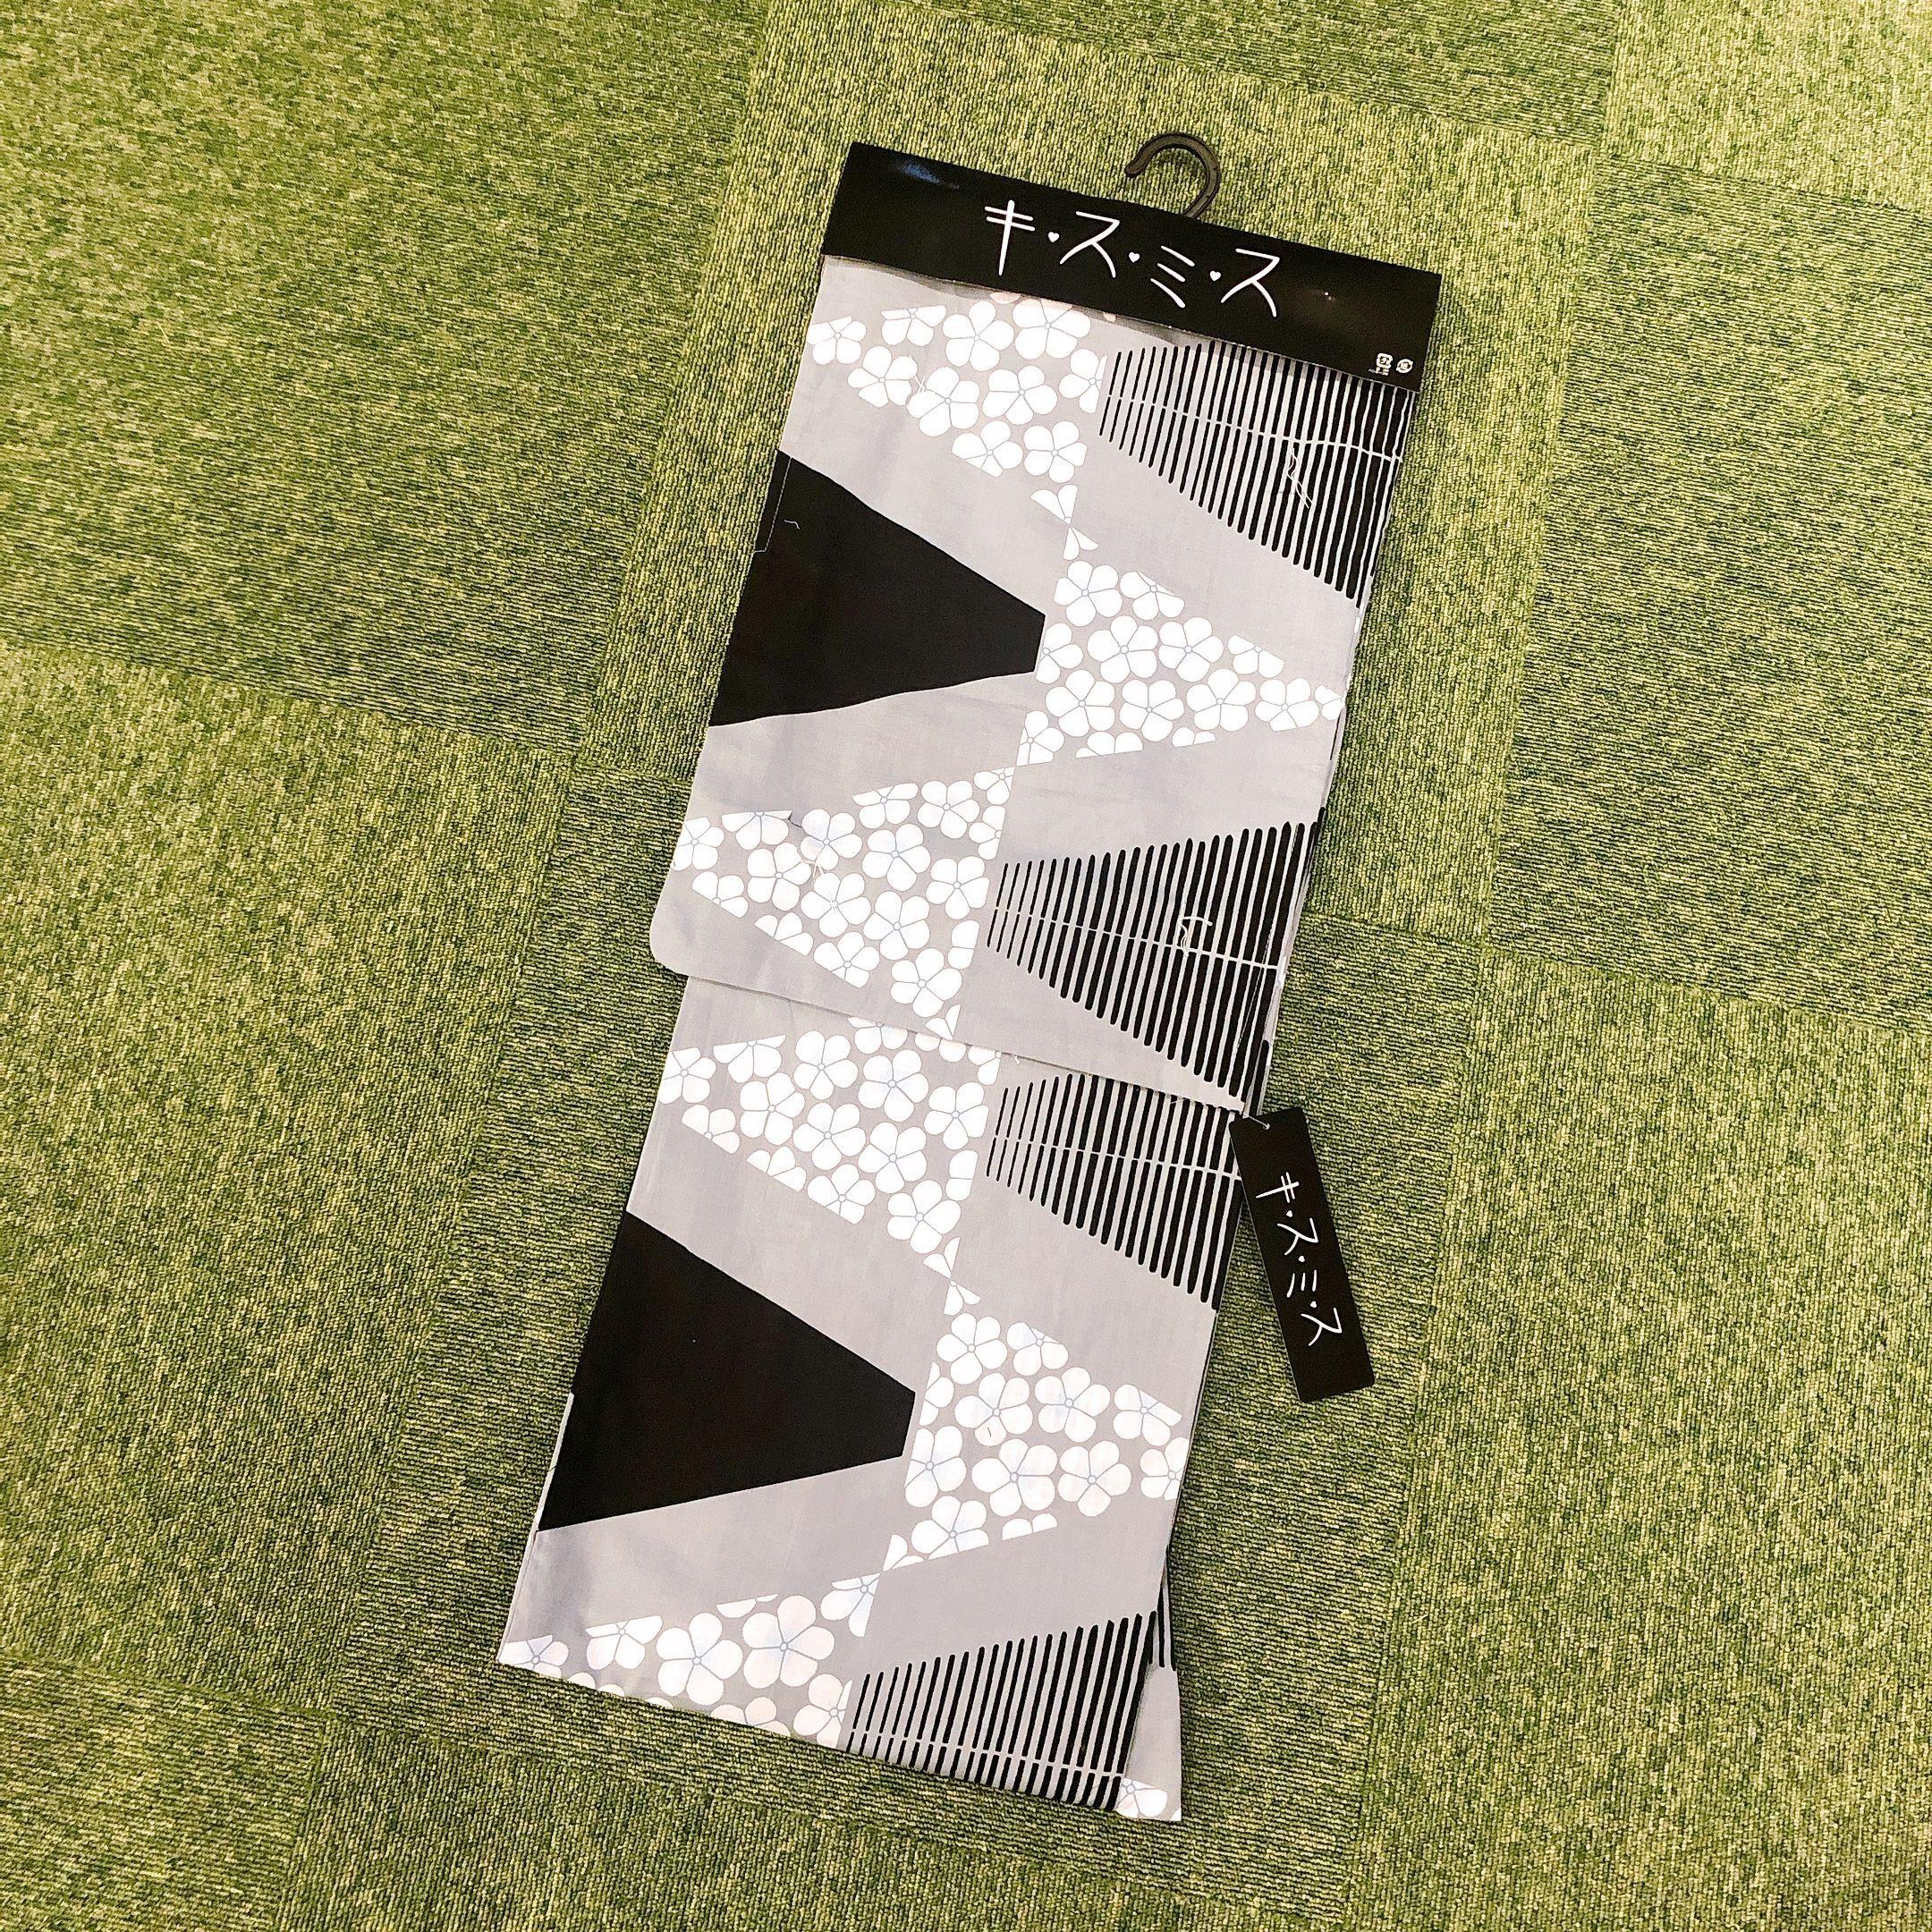 浴衣 レディース 単品 キスミス ブランド <黒&グレー> Yukata